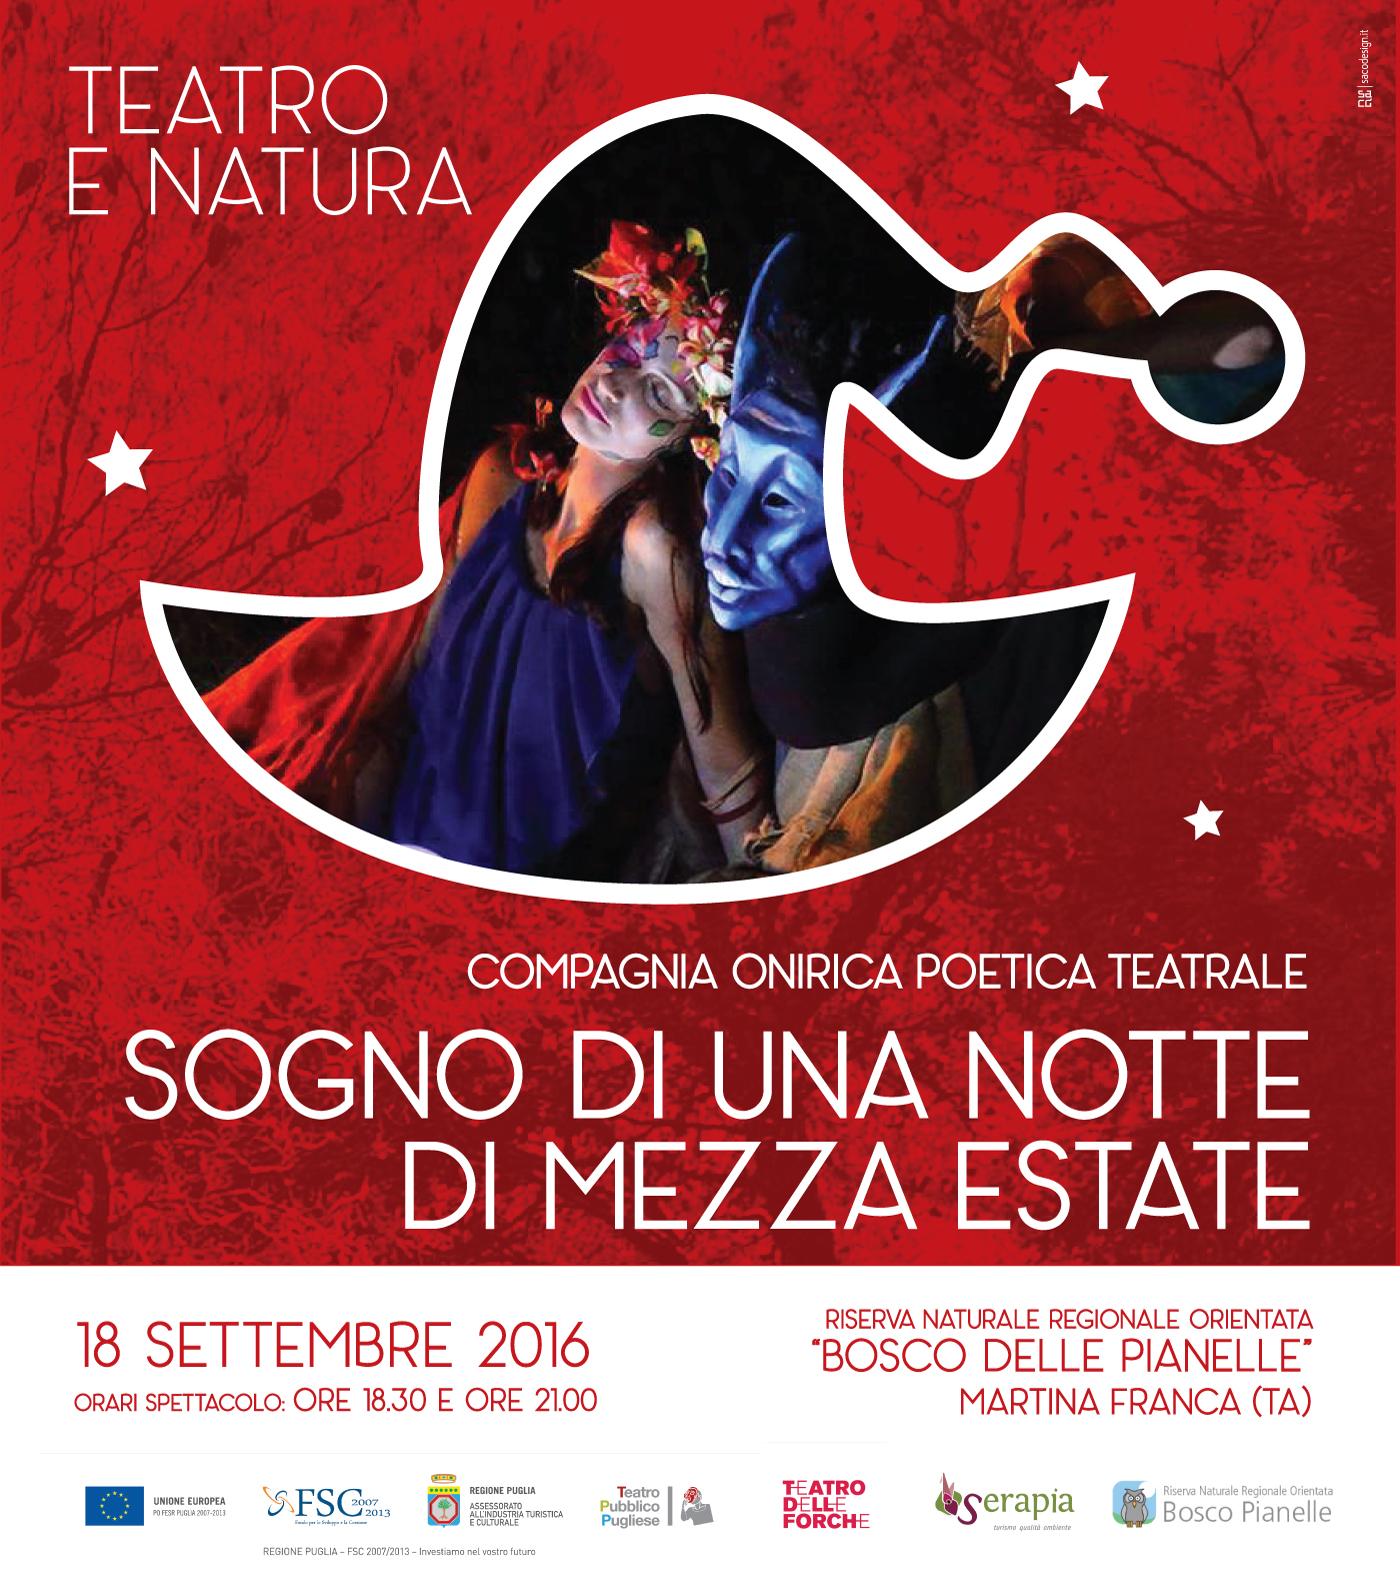 Teatro e natura: Sogno di una notte di mezza estate